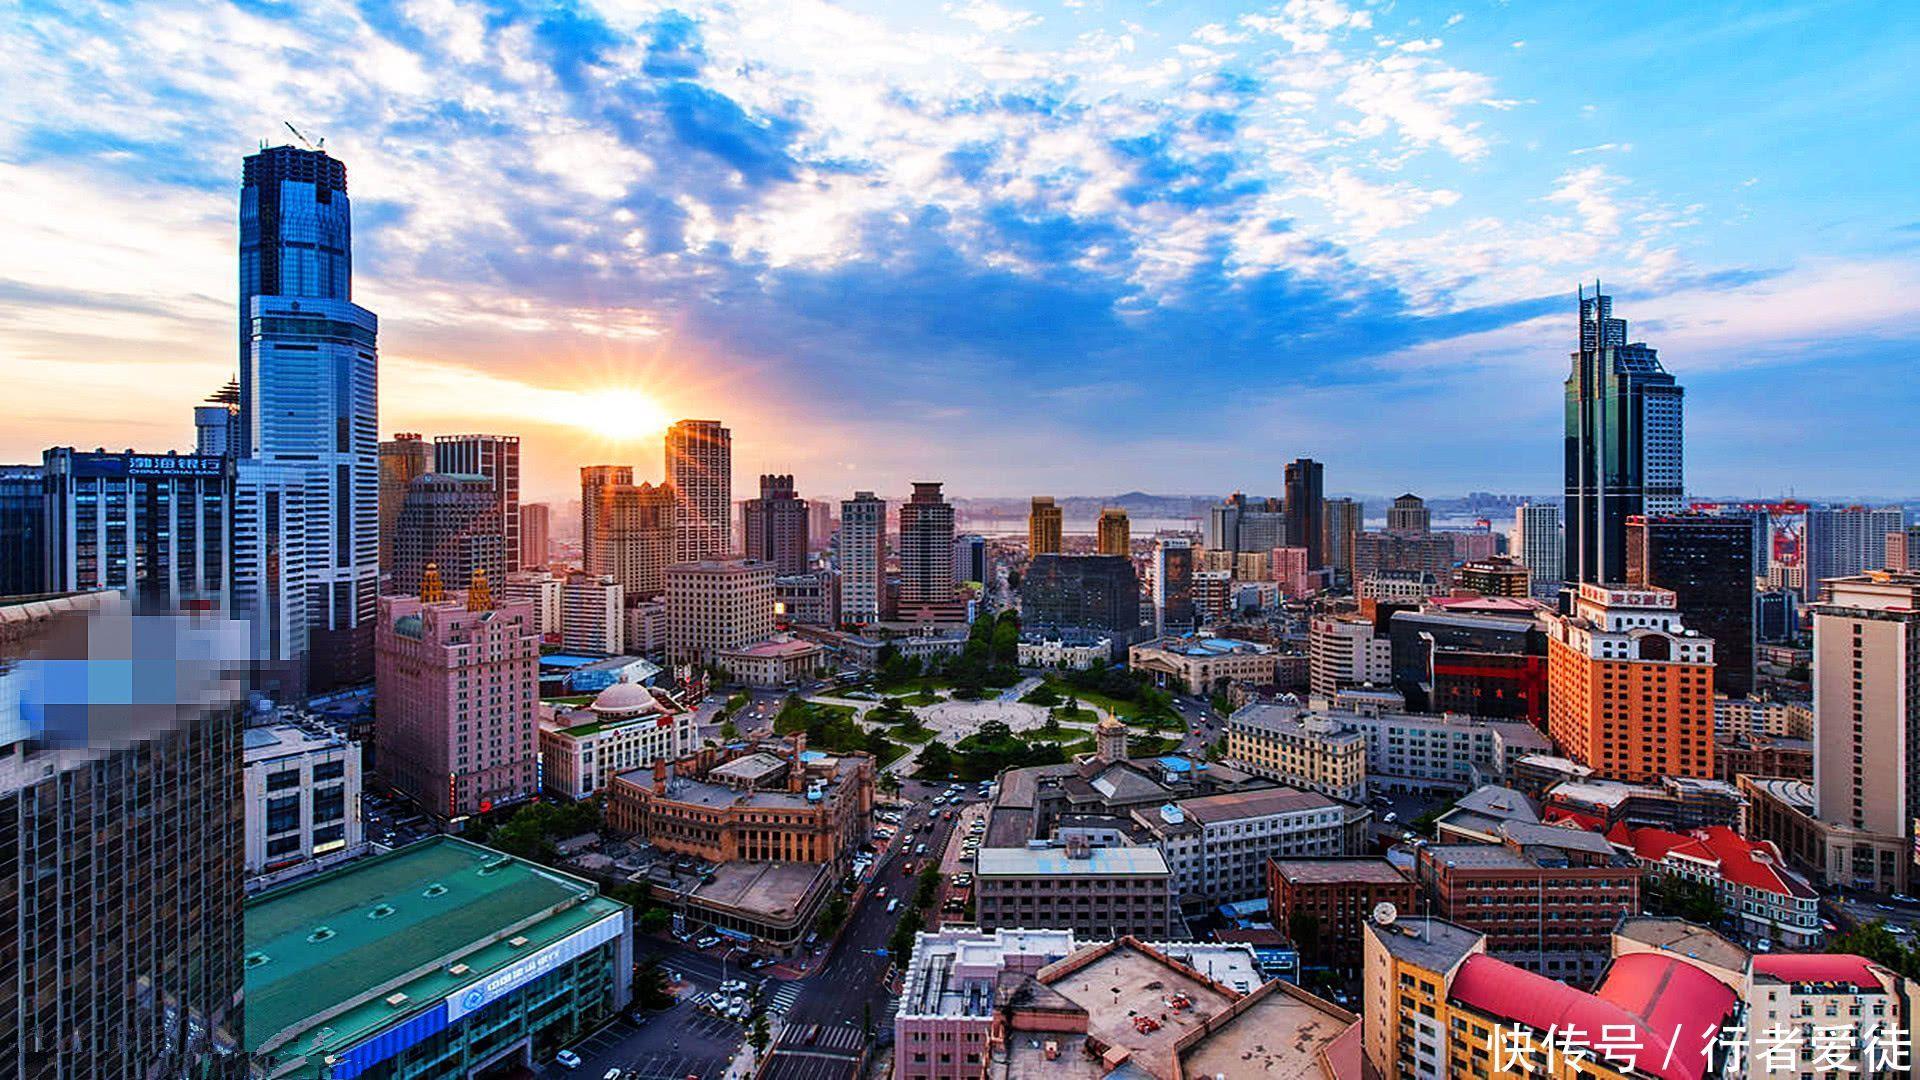 厦门会成为直辖市吗_请问中国那些城市有希望成为直辖市